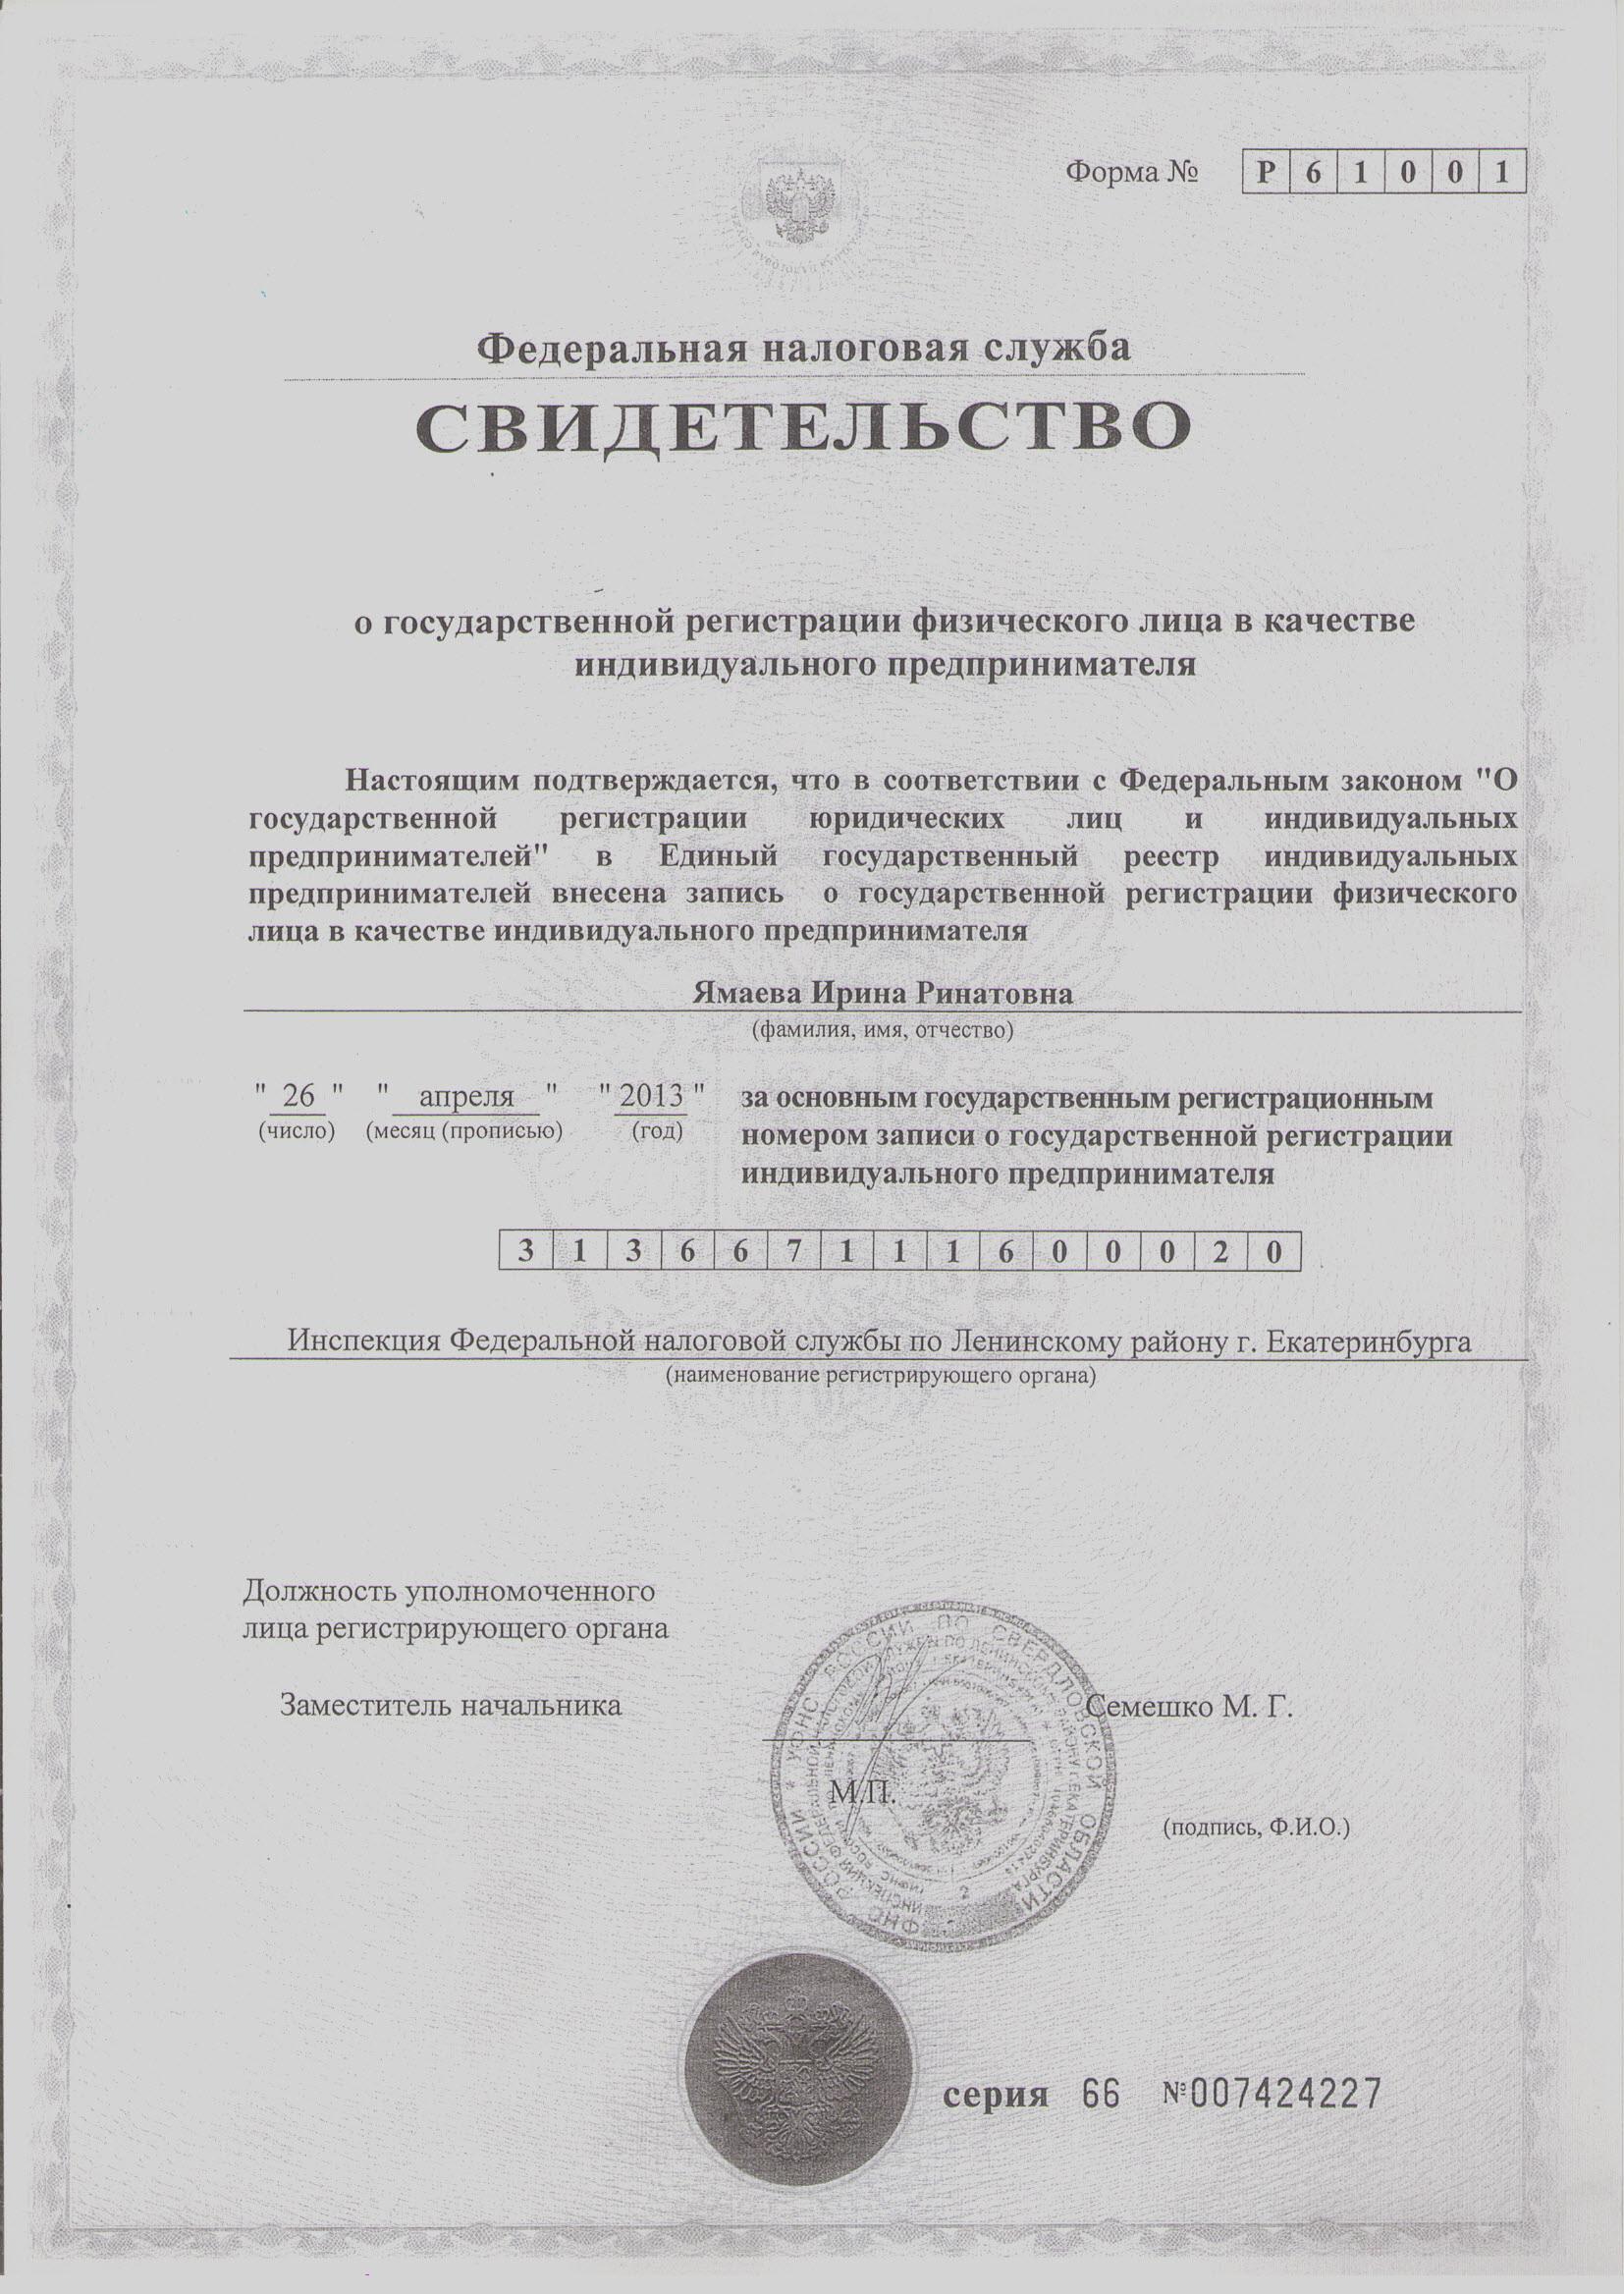 Document 286